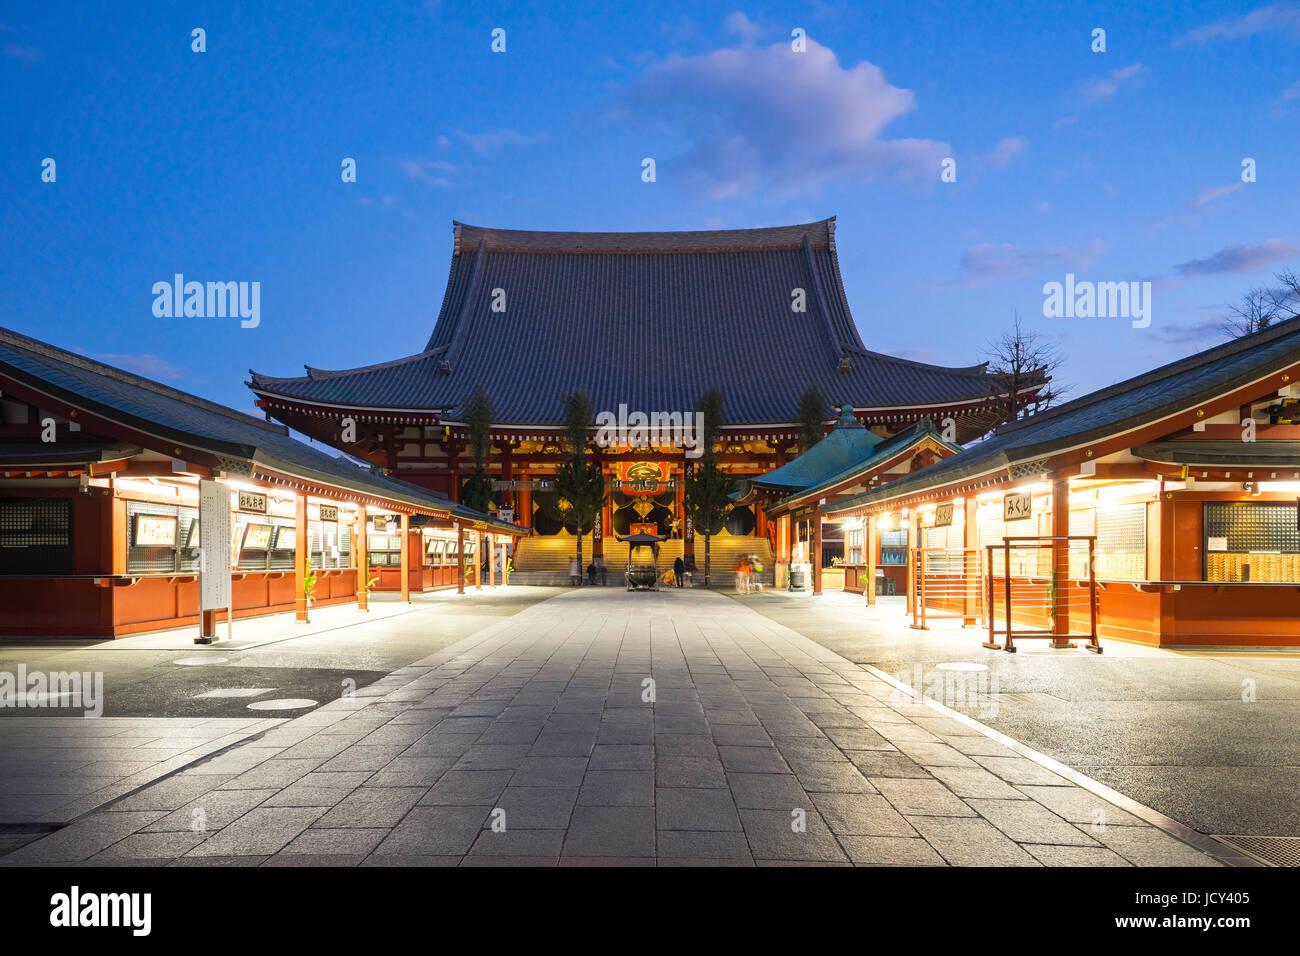 Tokyo, Japon - 31 décembre 2016: un temple bouddhiste Sensoji est situé à Asakusa. C'est Photo Stock